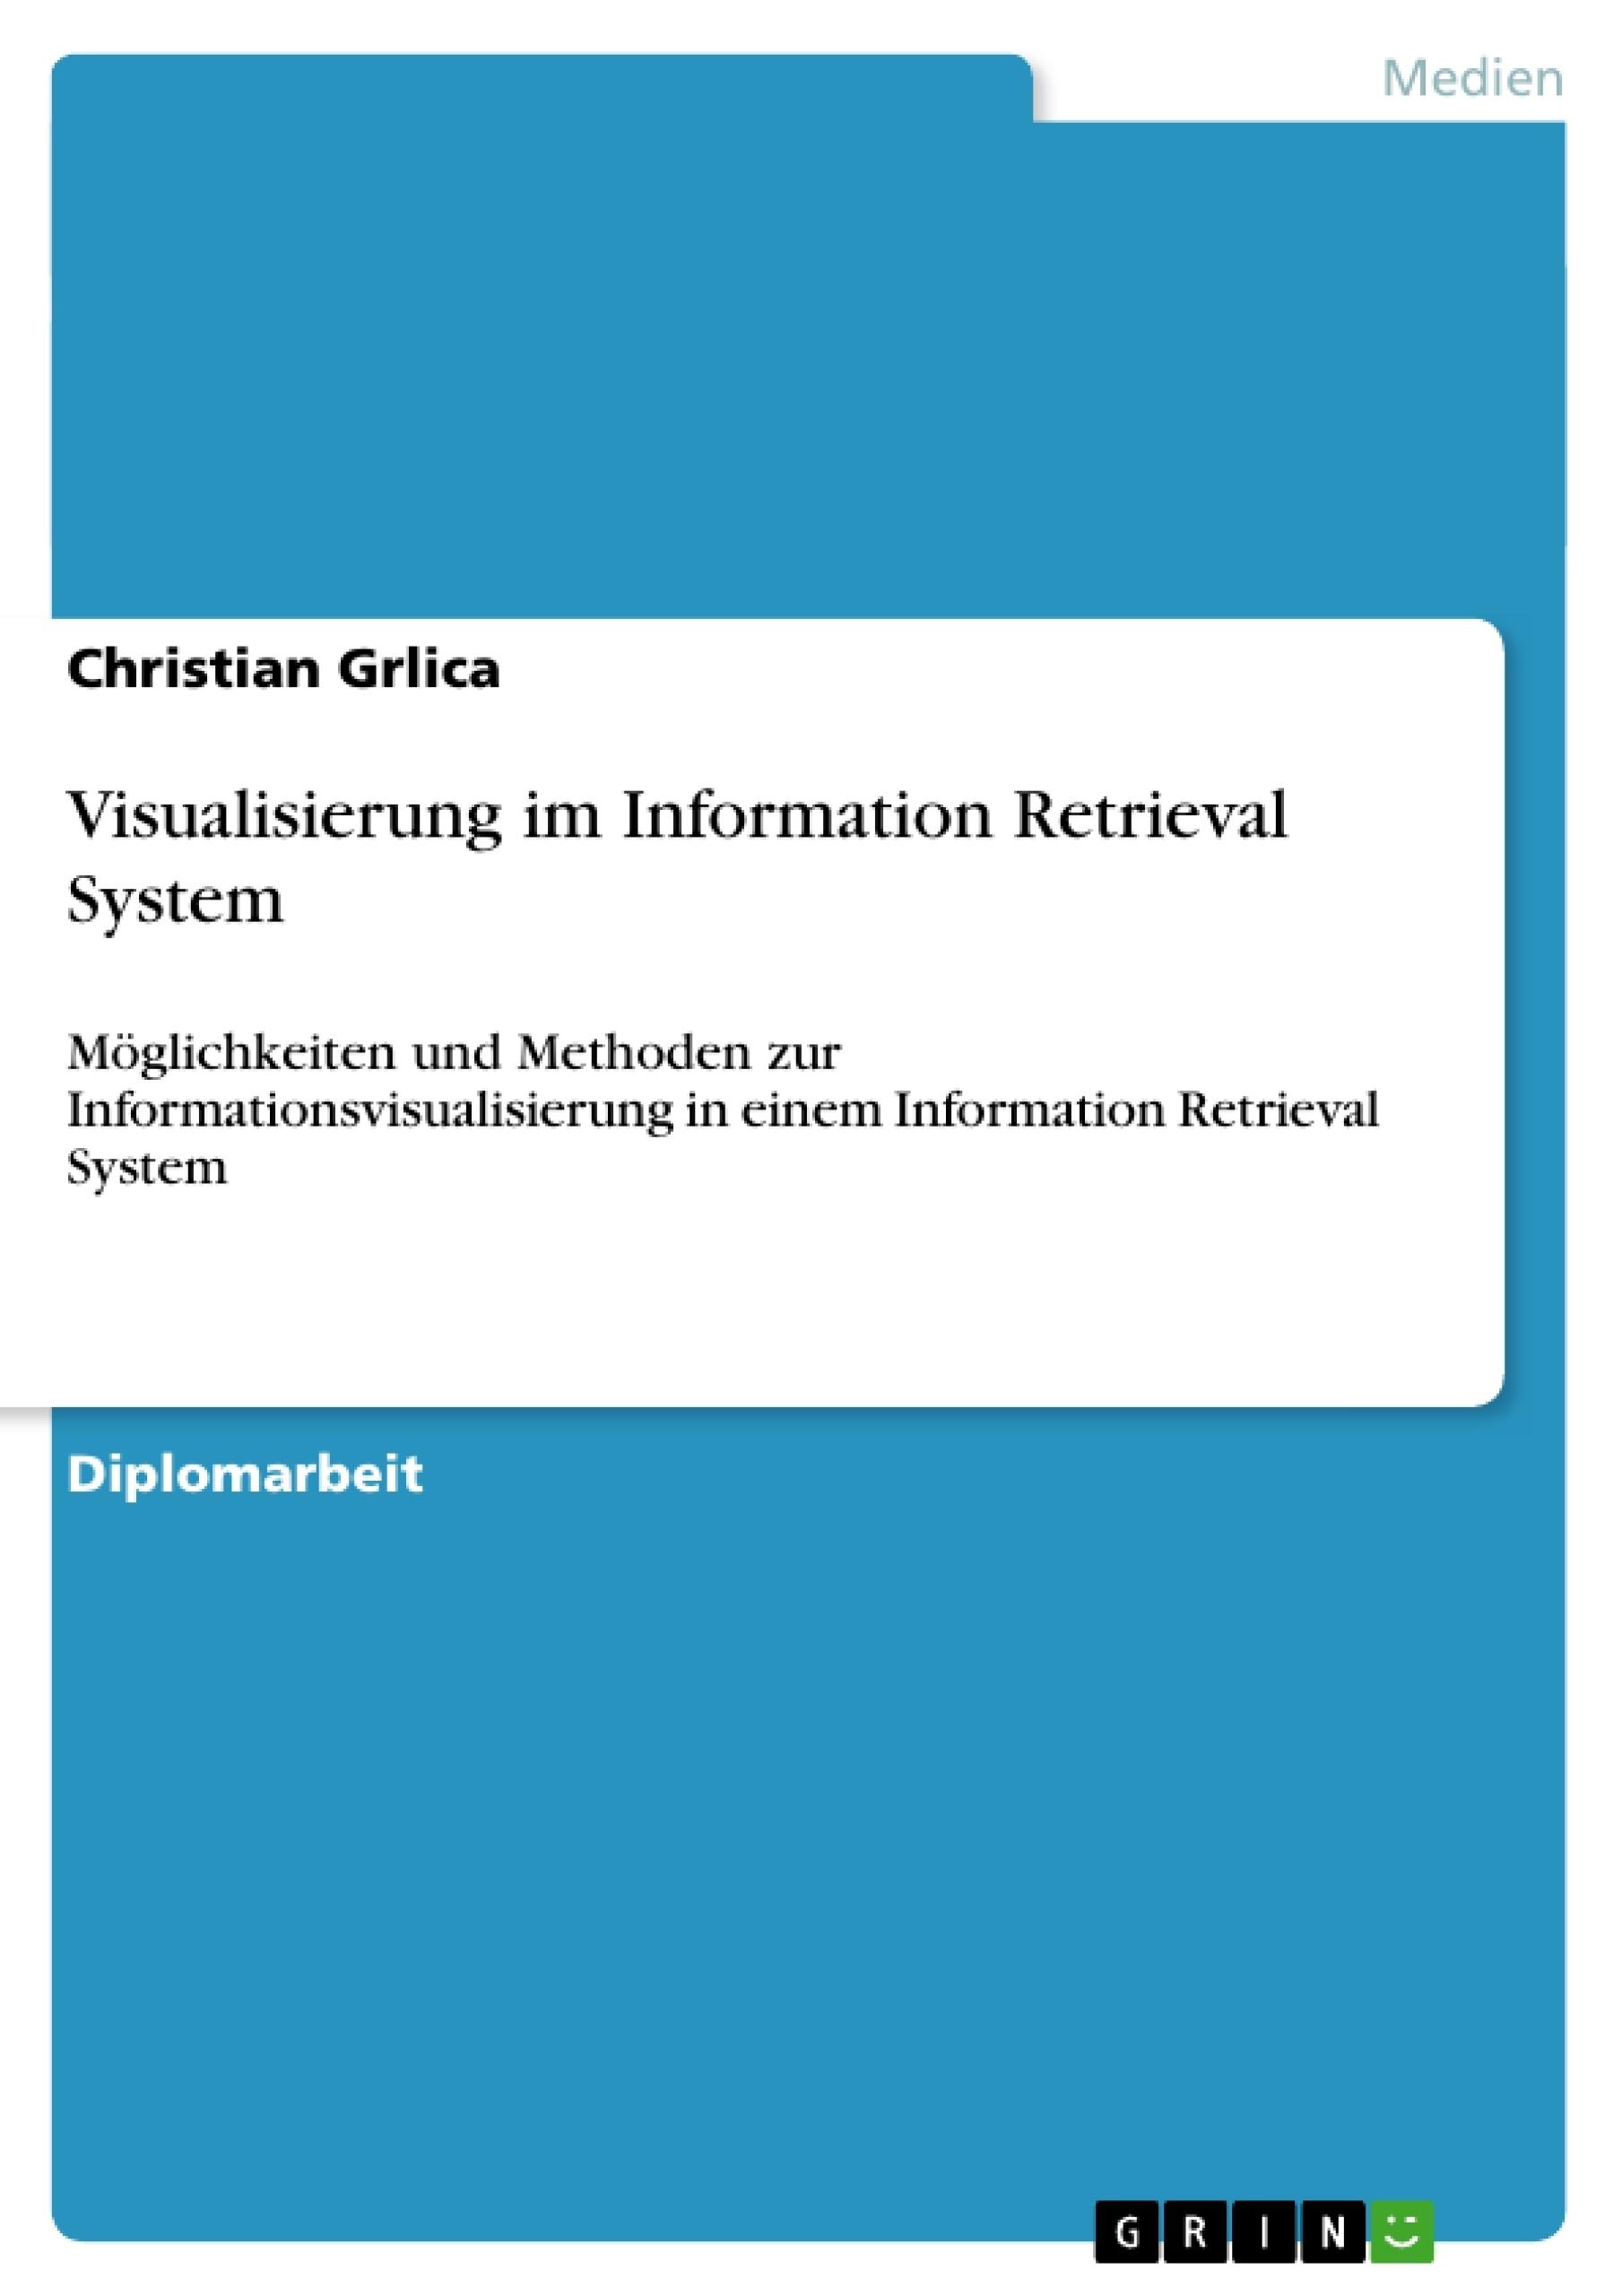 Titel: Visualisierung im Information Retrieval System